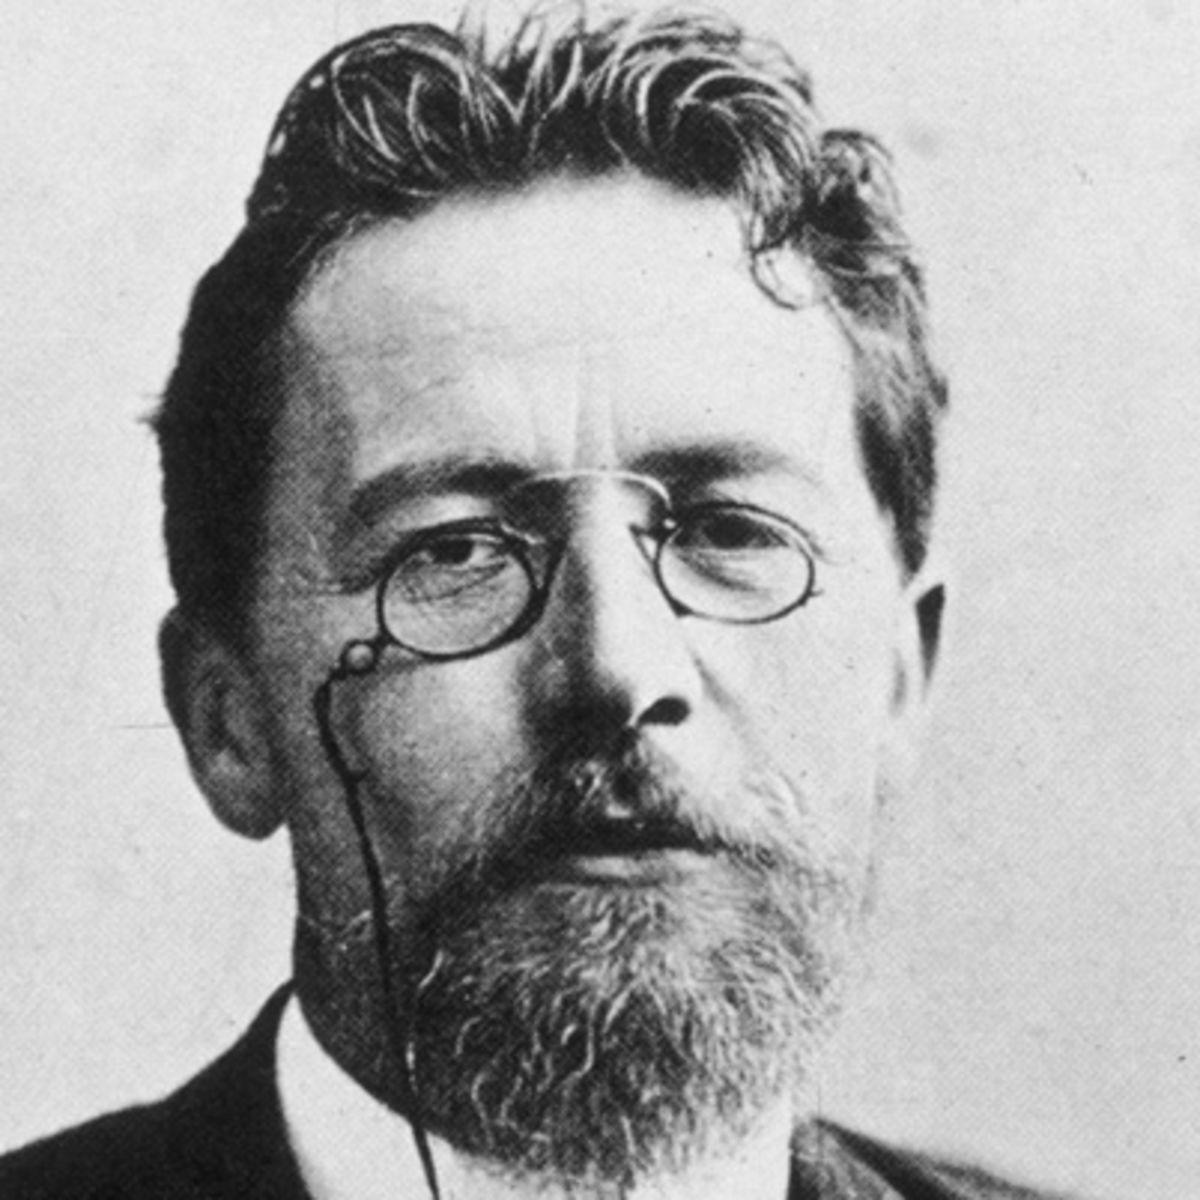 Anton Pavlovitch Tchecov